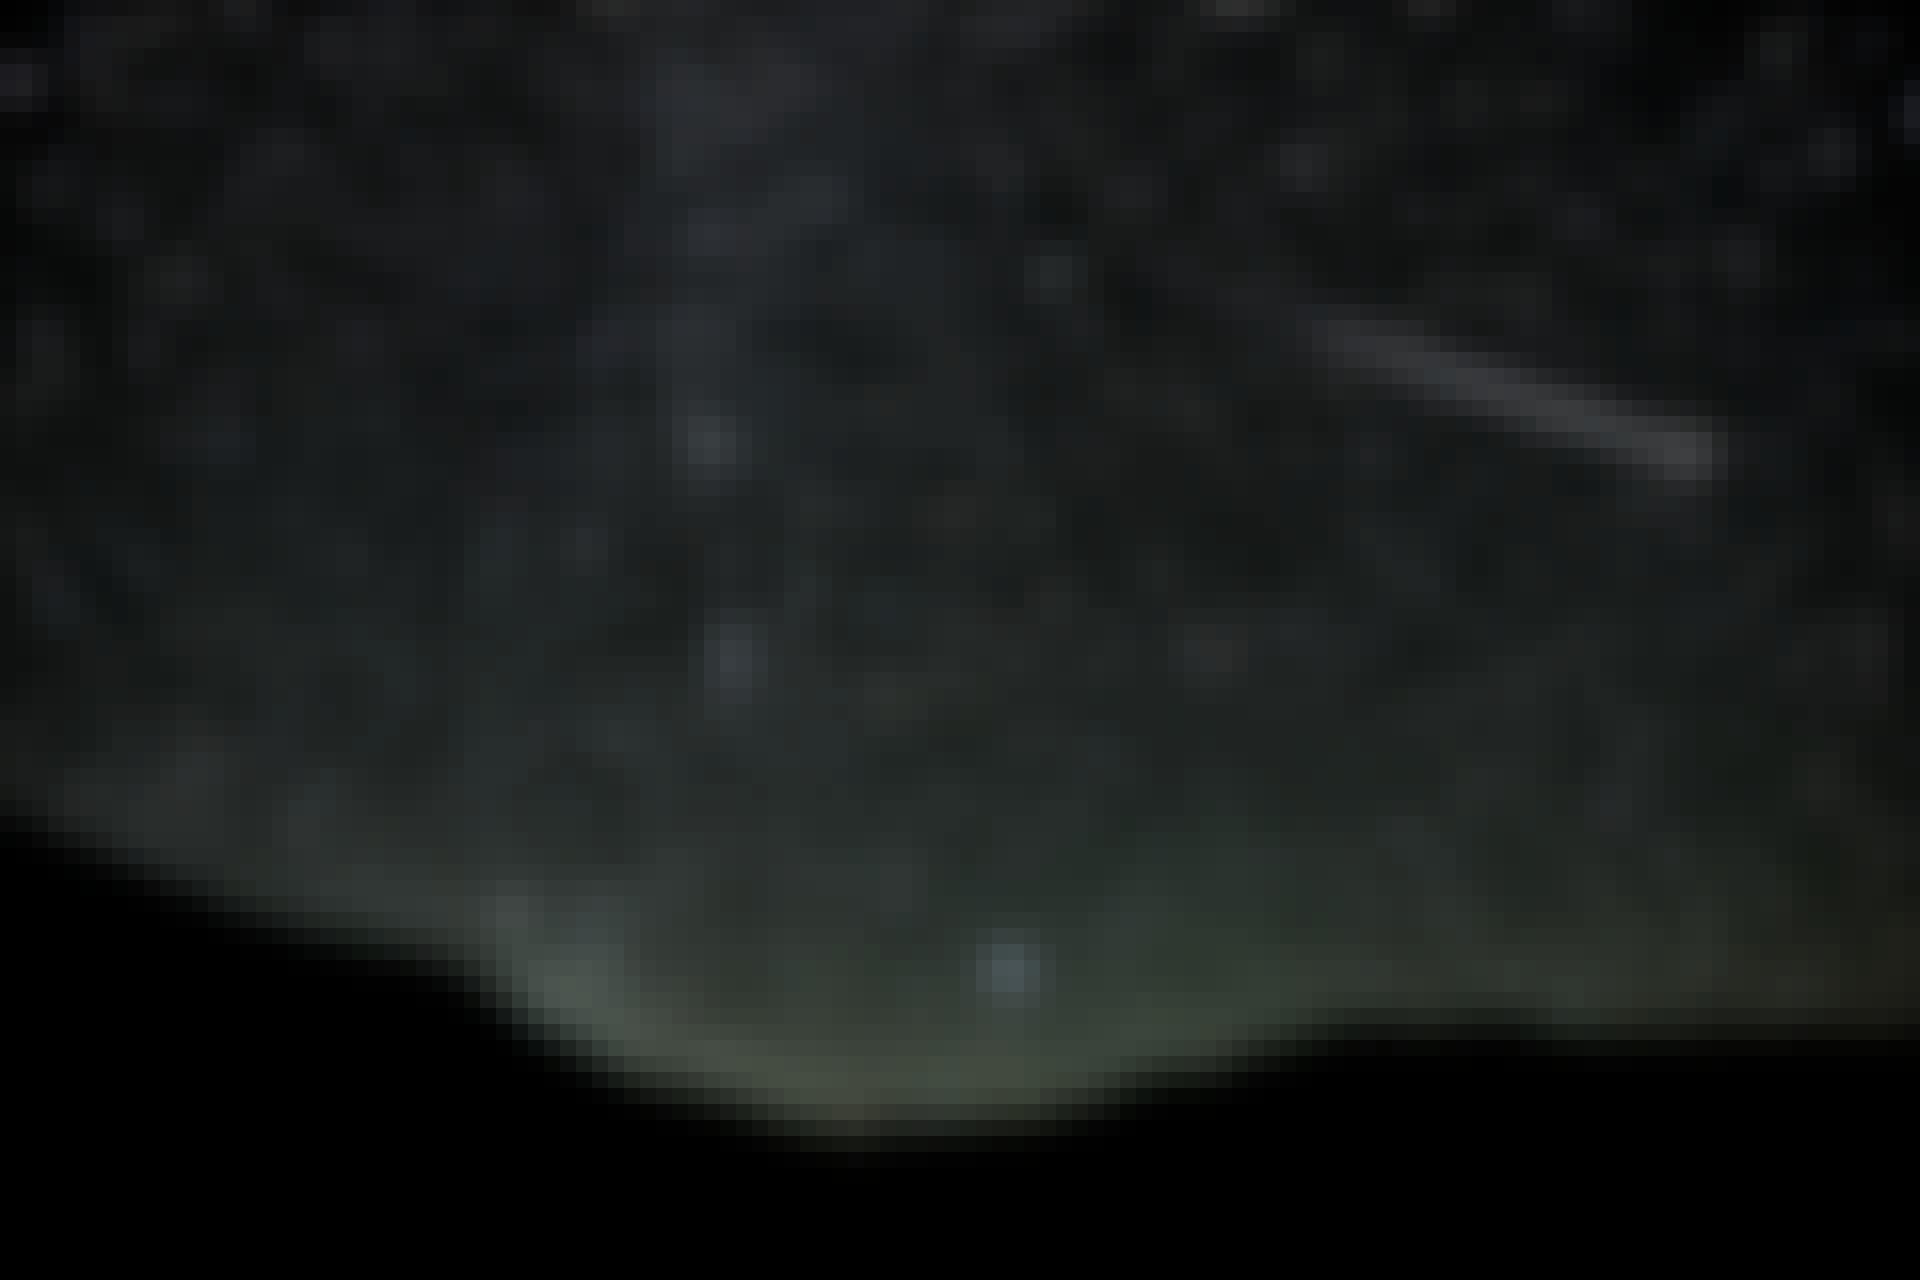 Vallende sterren – Waarom zijn er op sommige dagen meer vallende sterren?